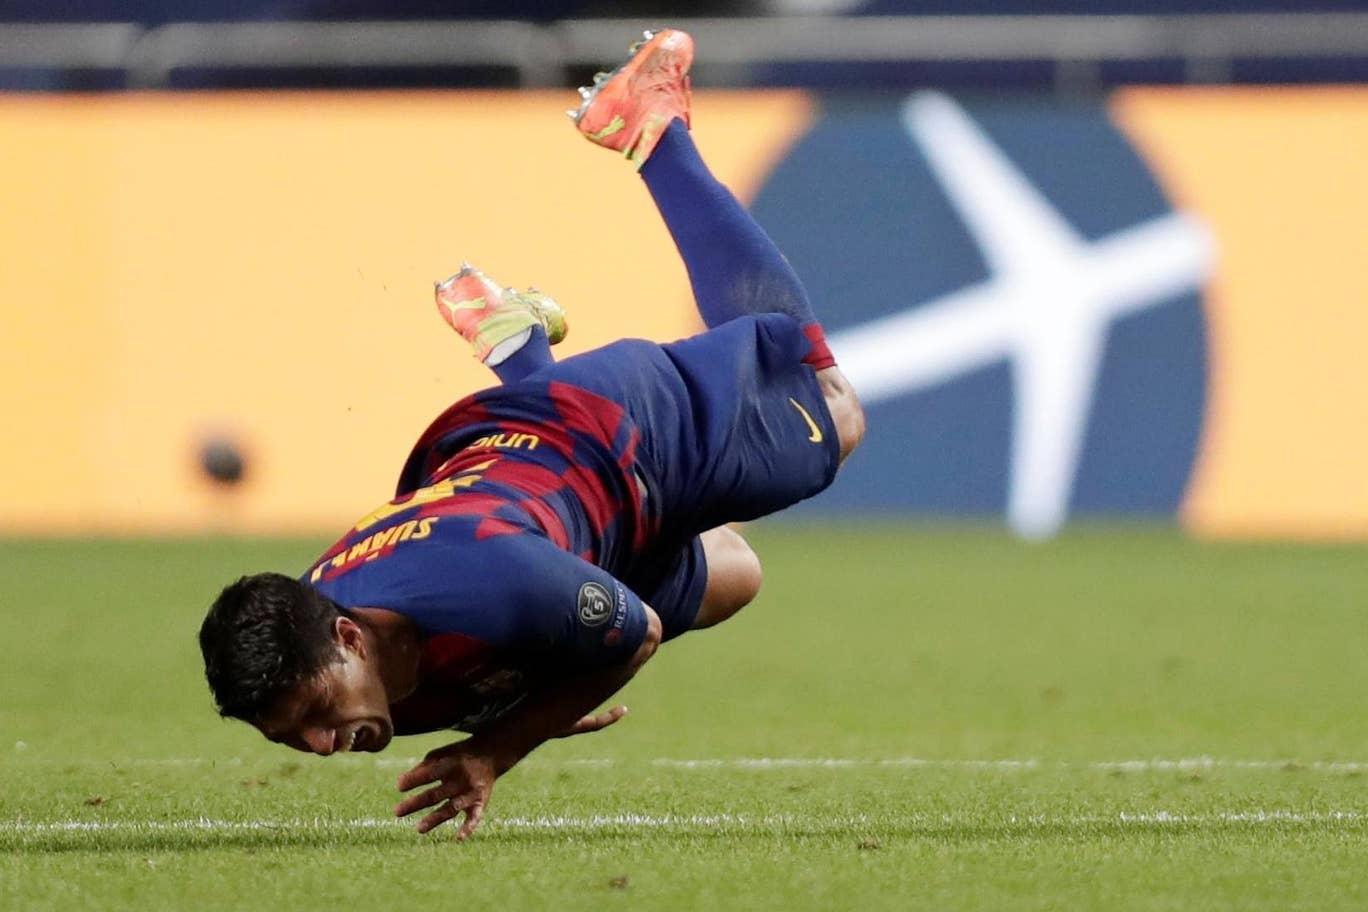 Những con số đáng buồn hằn sâu vào lịch sử Barca sau thảm bại 2-8 - Ảnh 8.